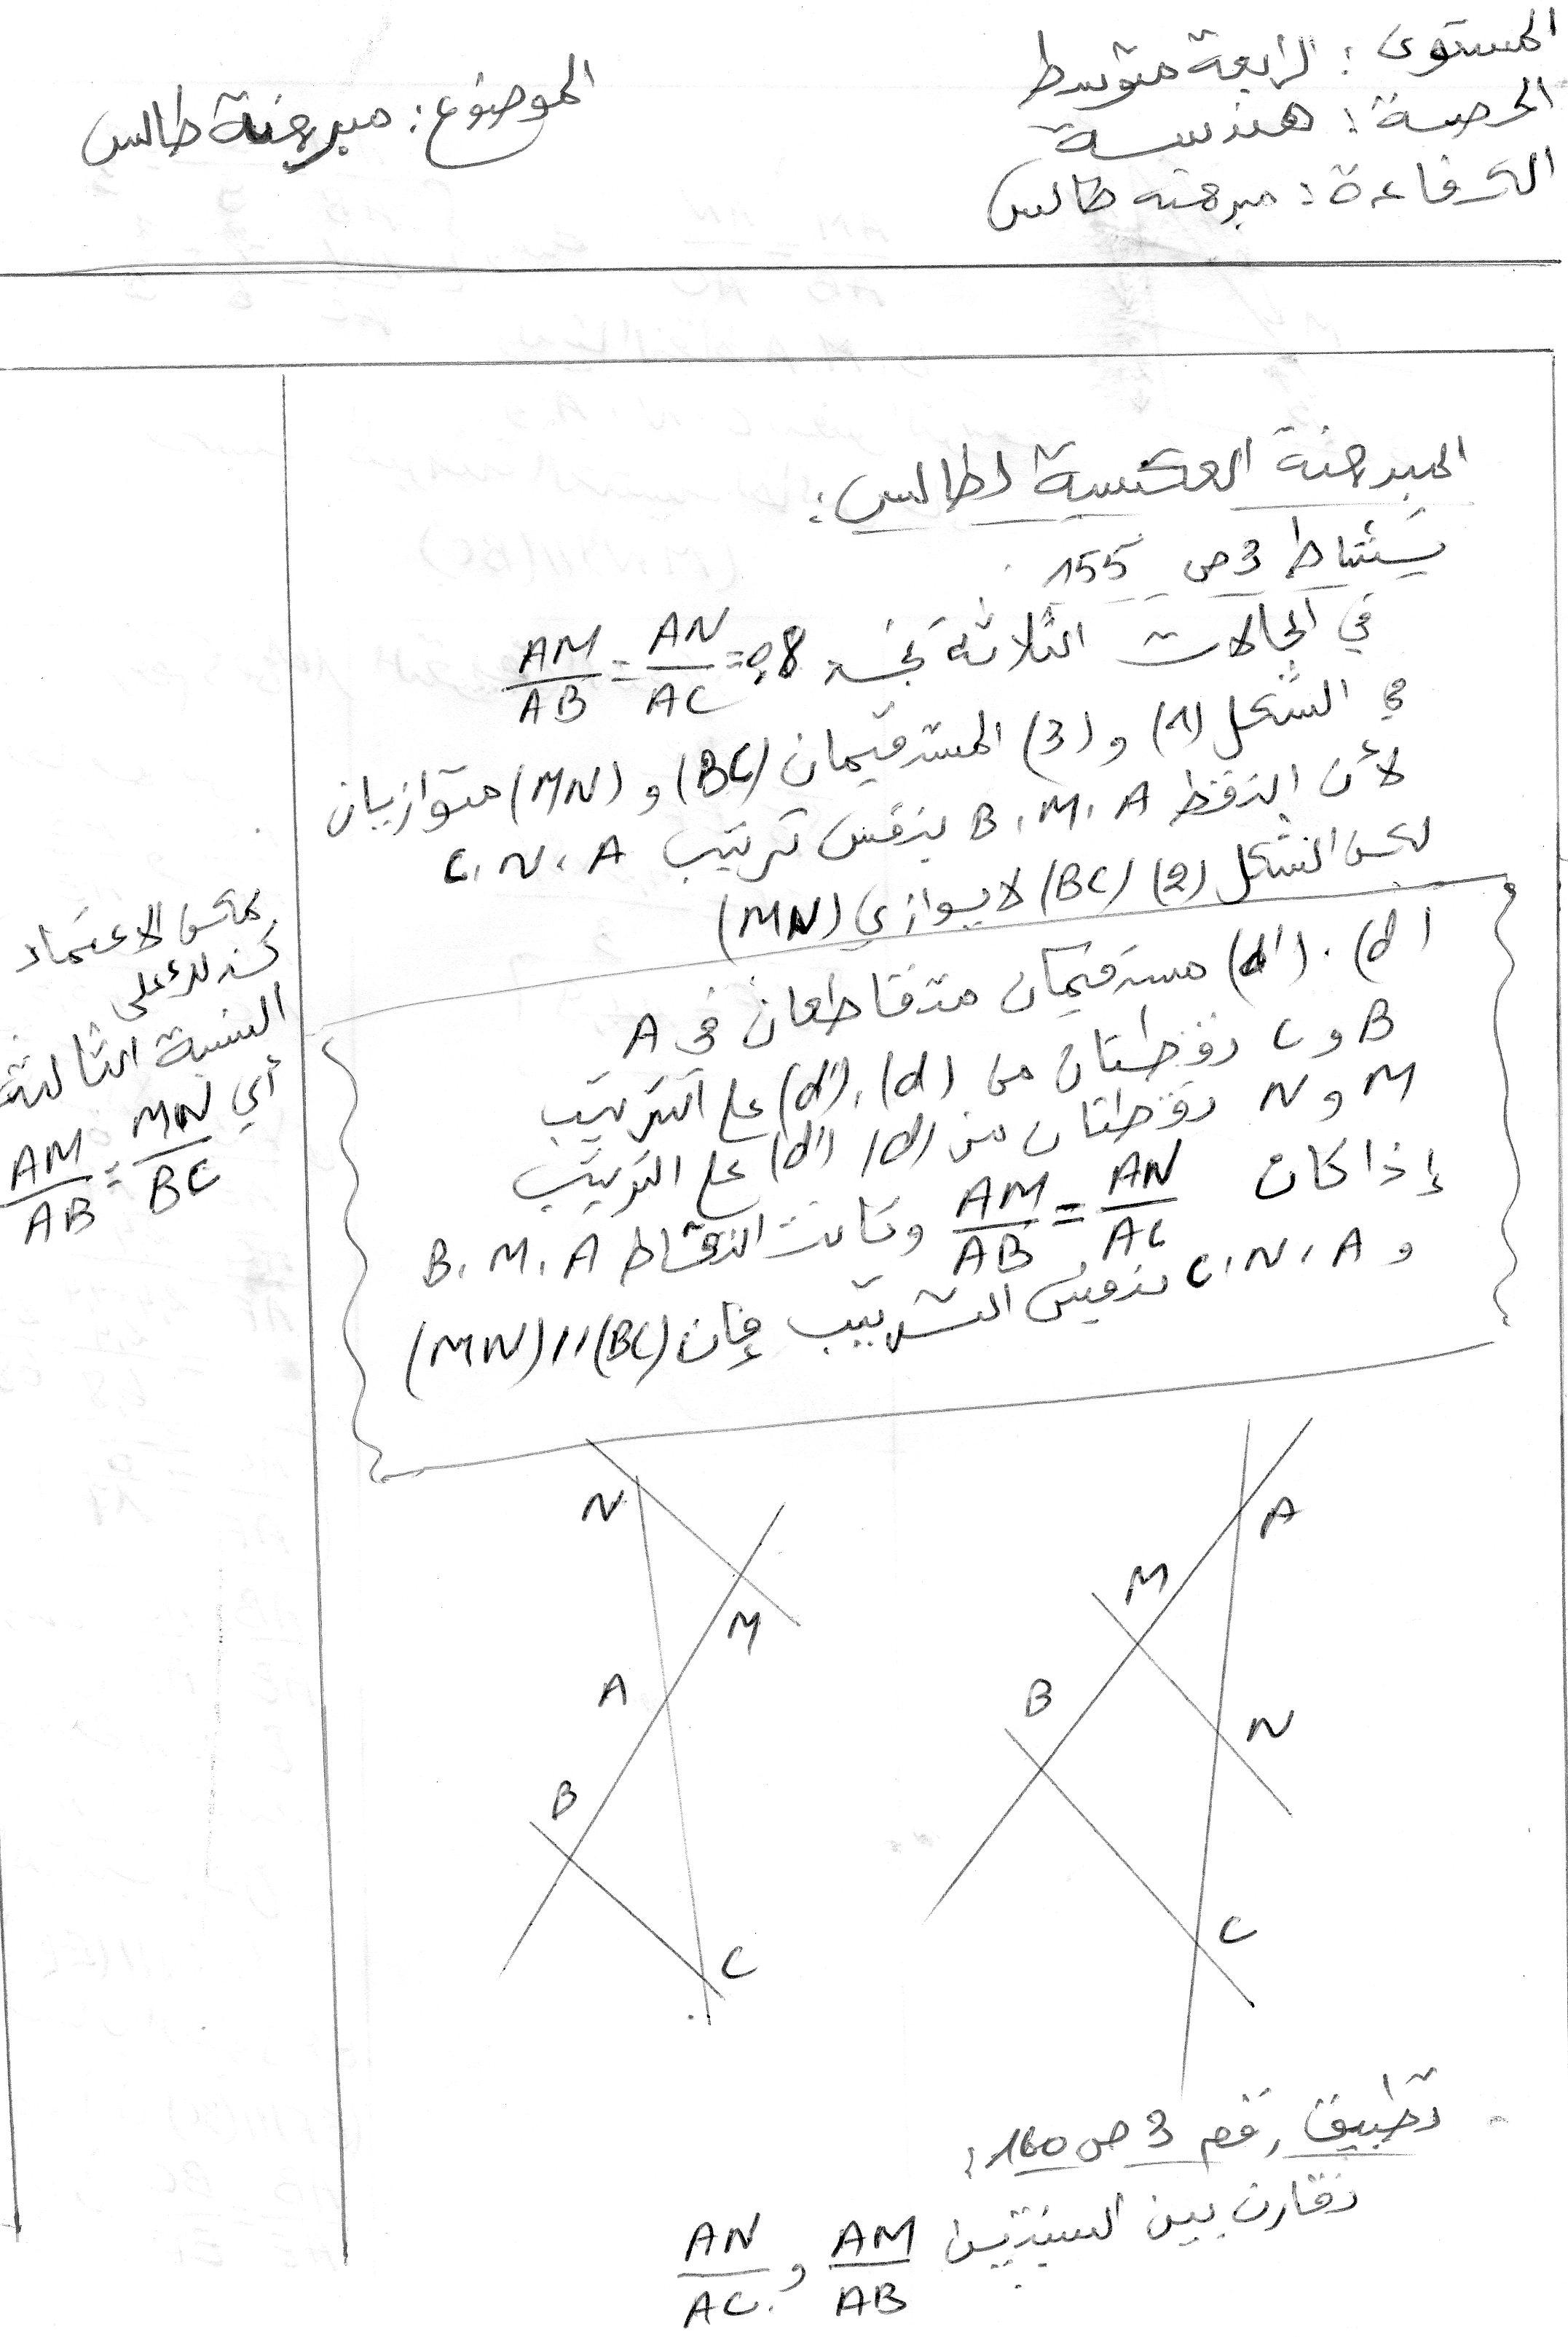 النظرية العكسية لطالس Do